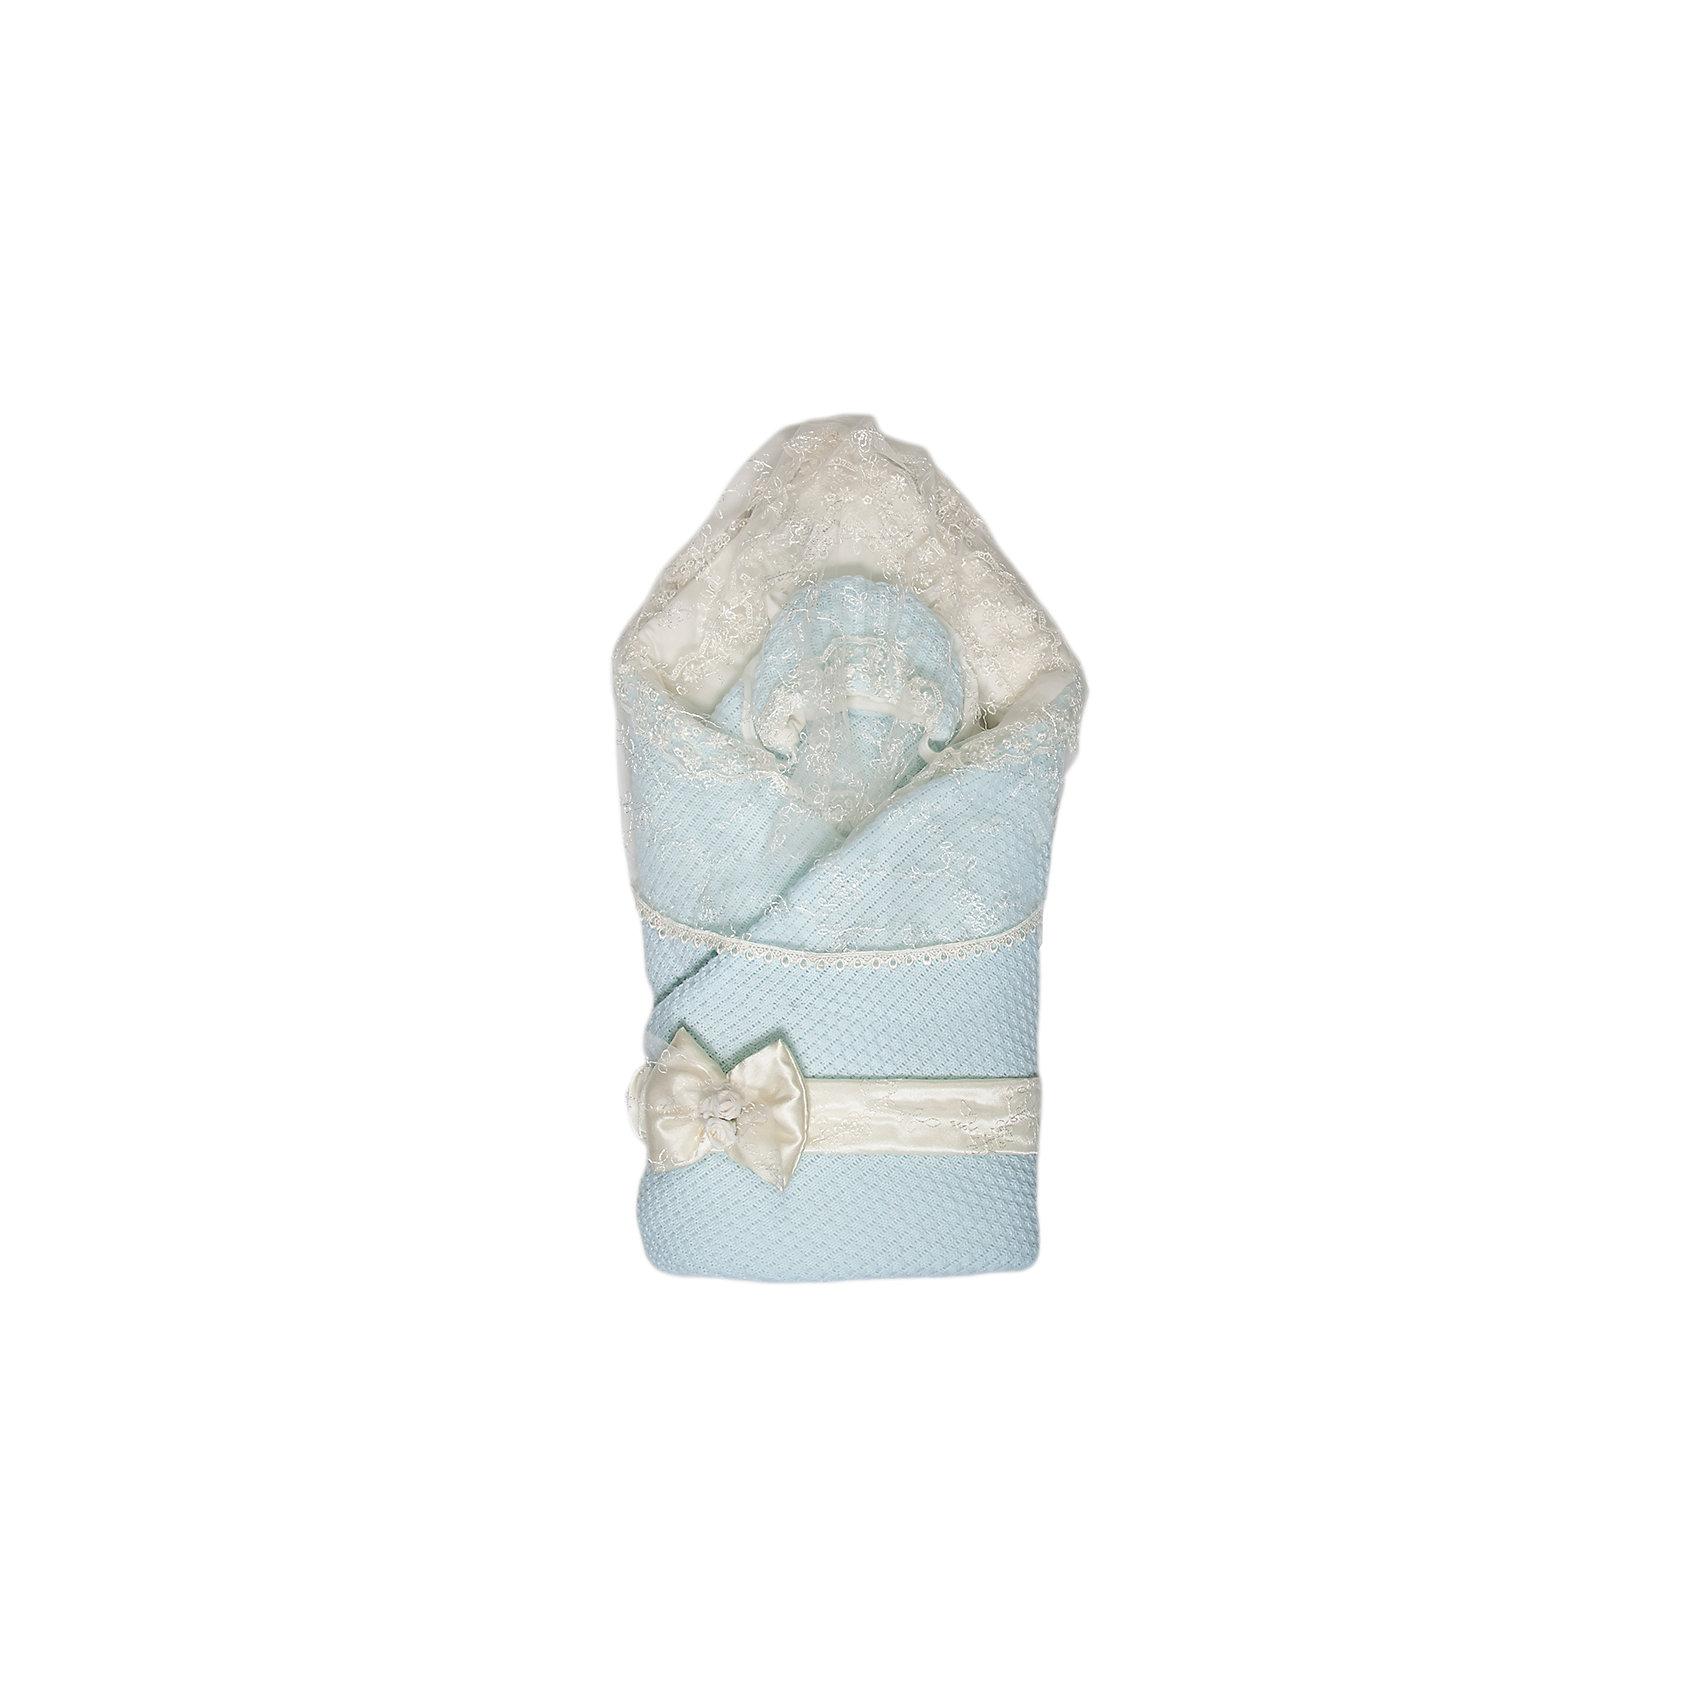 Конверт-одеяло Жемчужинка, Сонный гномик, голубой